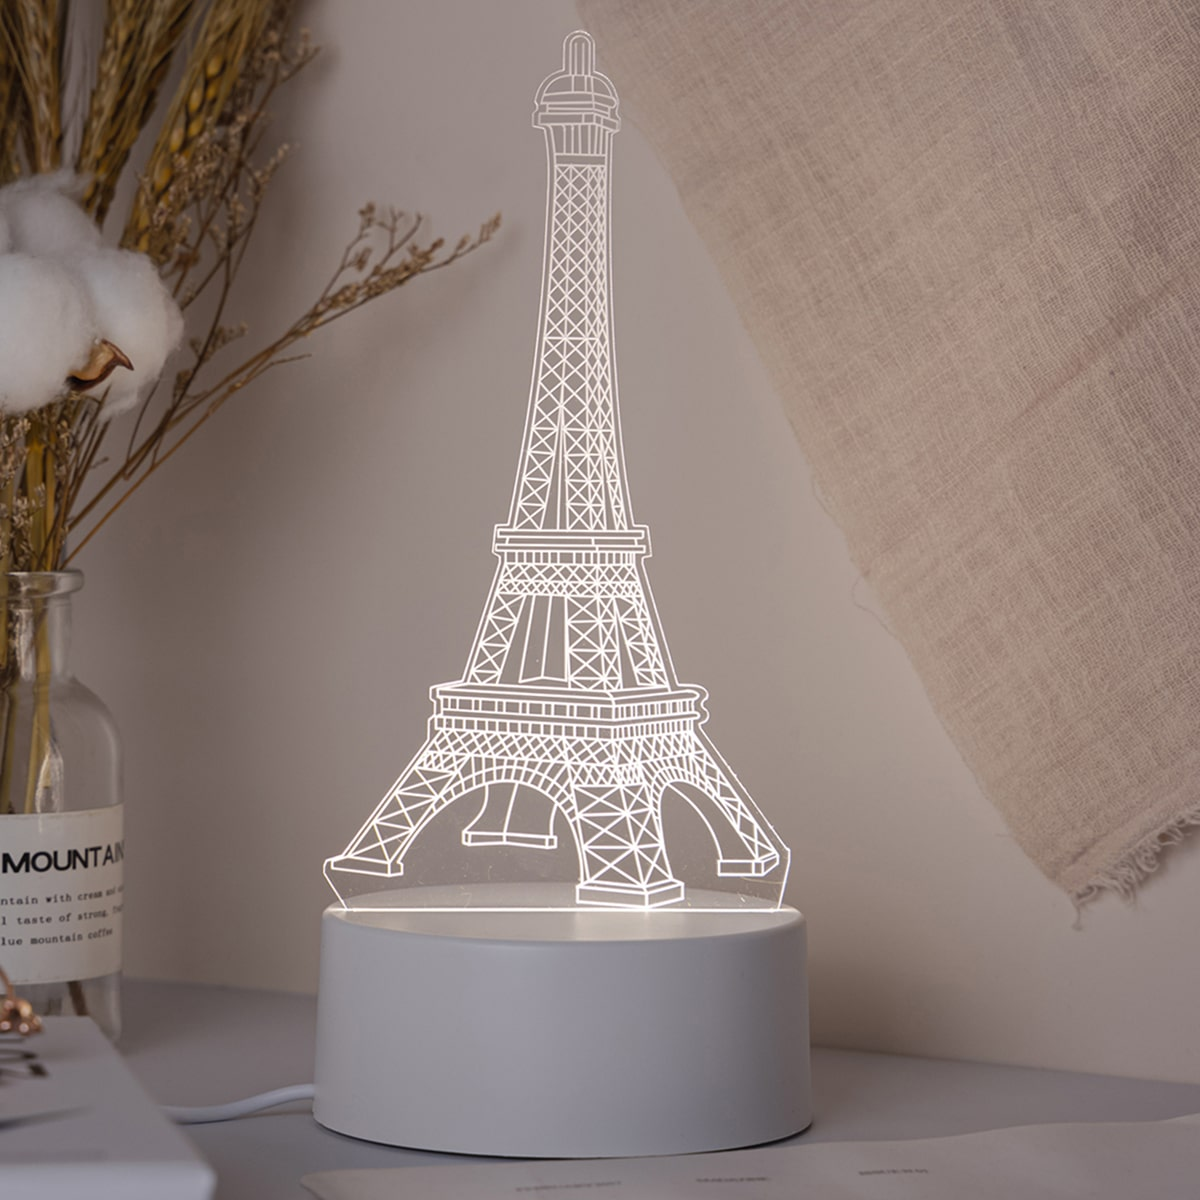 1 Stück 3 Farben veränderbares 3D-Nachtlicht mit Eiffel Turm Design